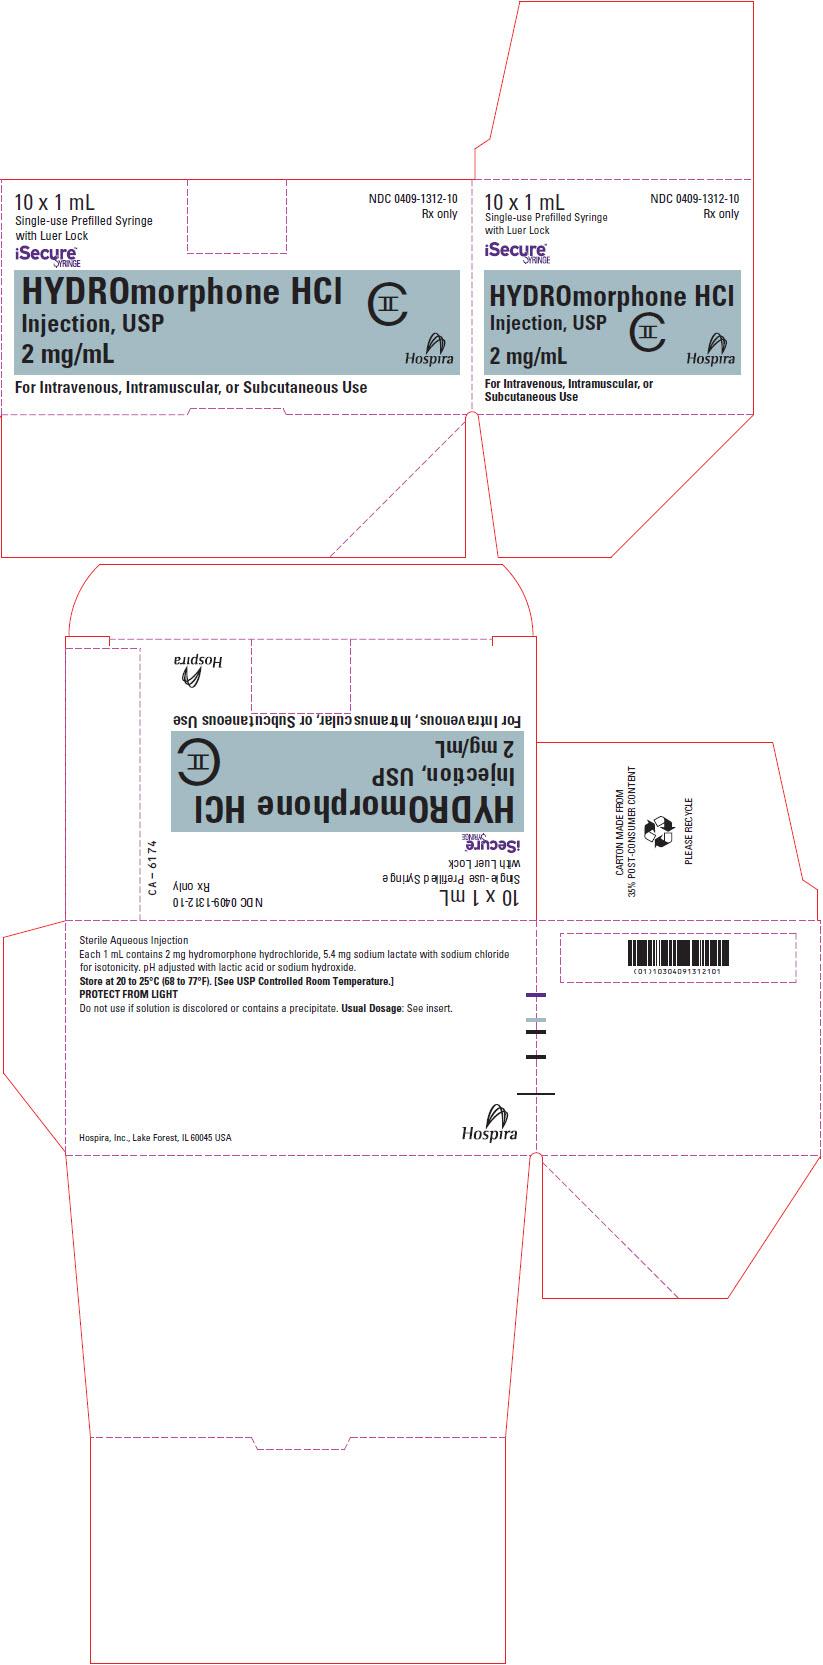 PRINCIPAL DISPLAY PANEL - 2 mg/mL Syringe Box